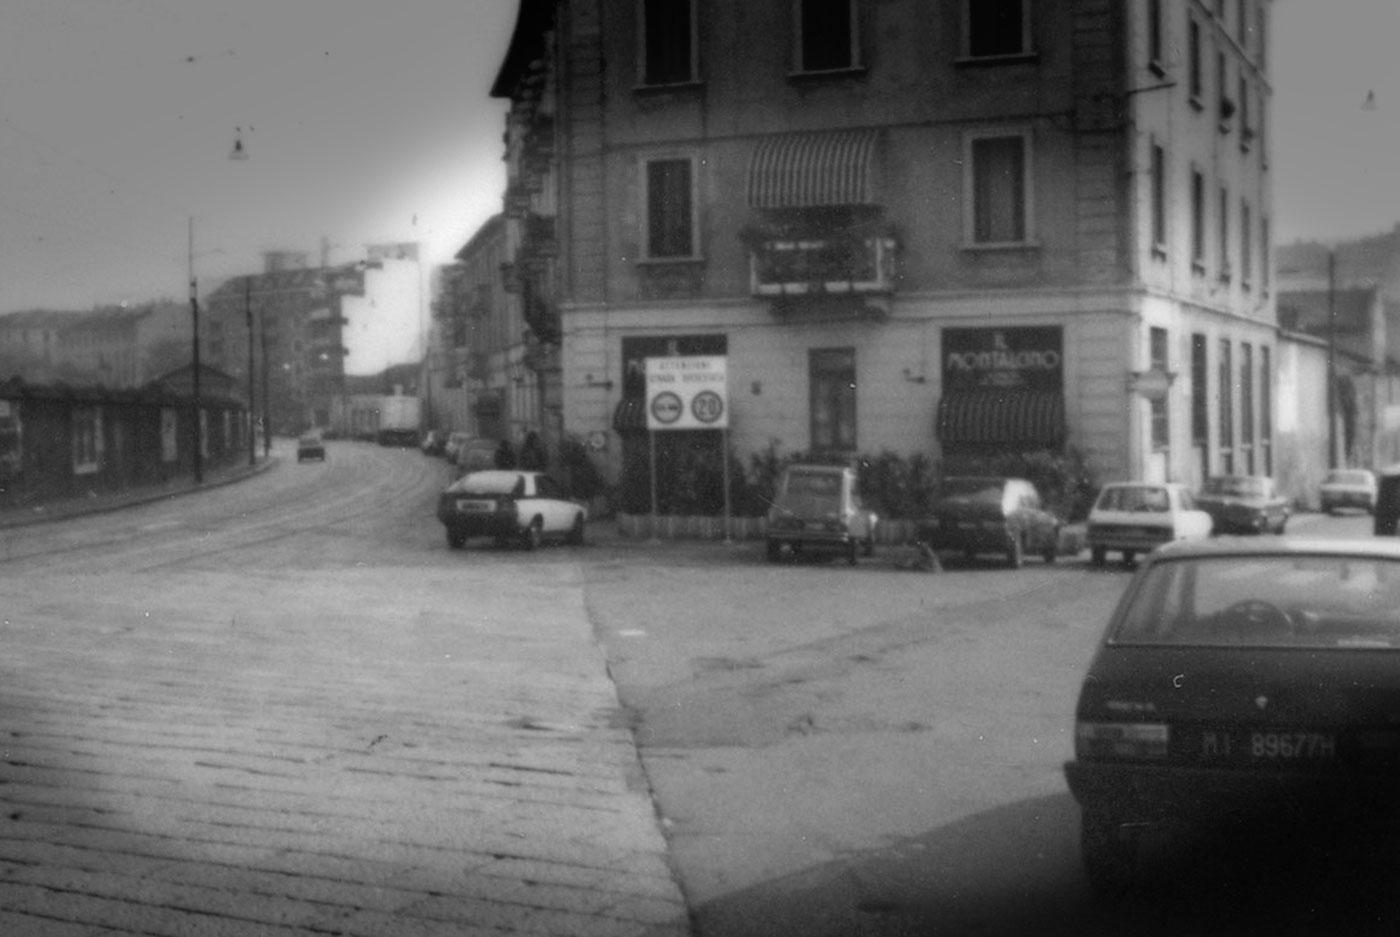 Ristorante Il Montalcino sul naviglio vecchia foto